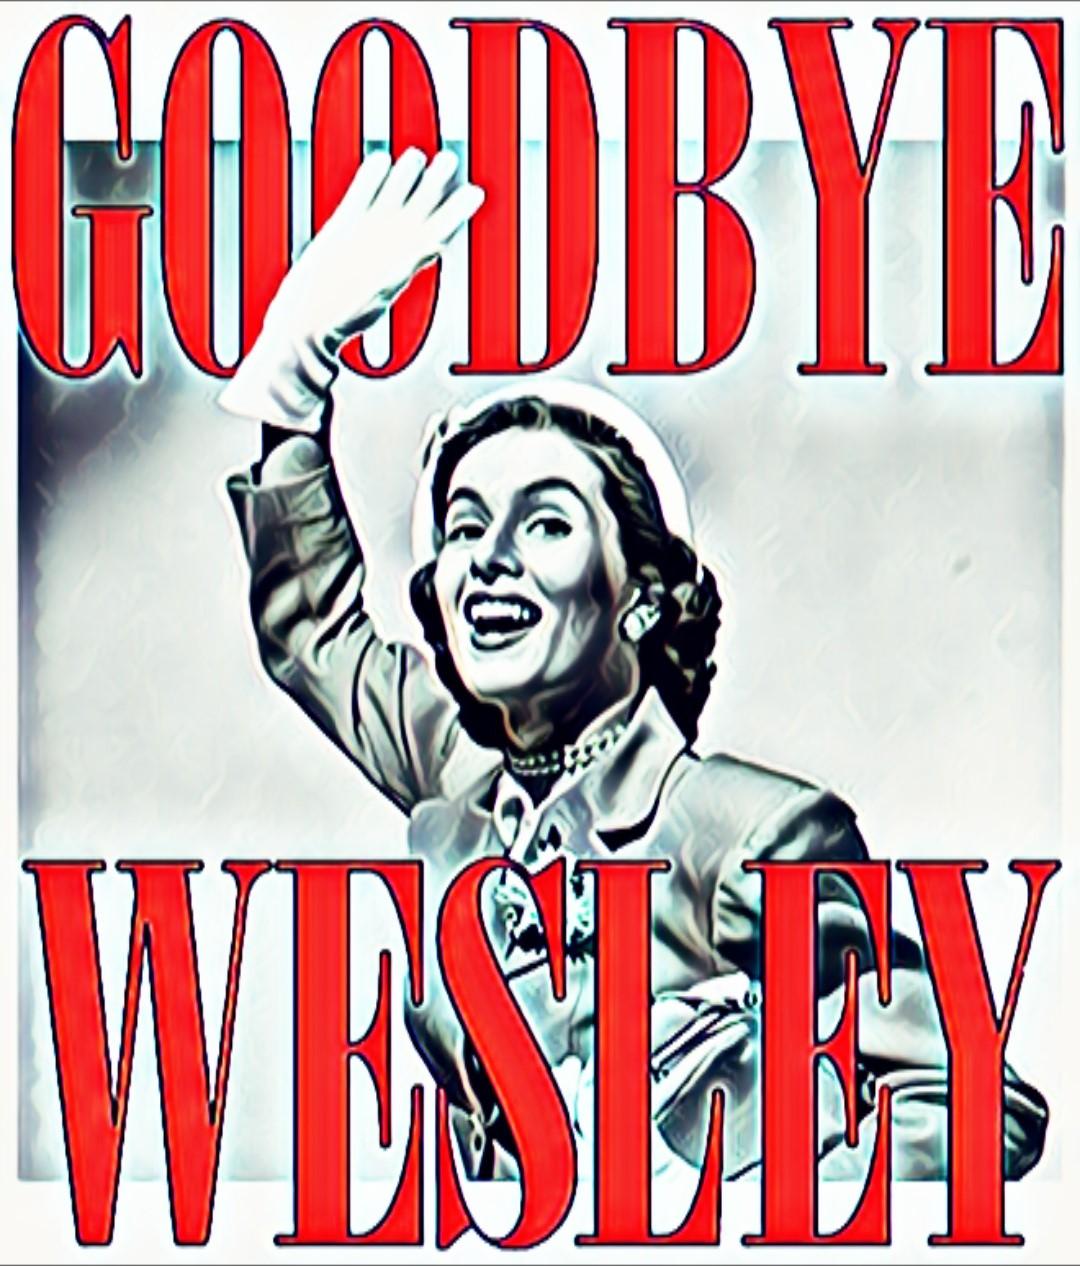 Goodbye Wesley